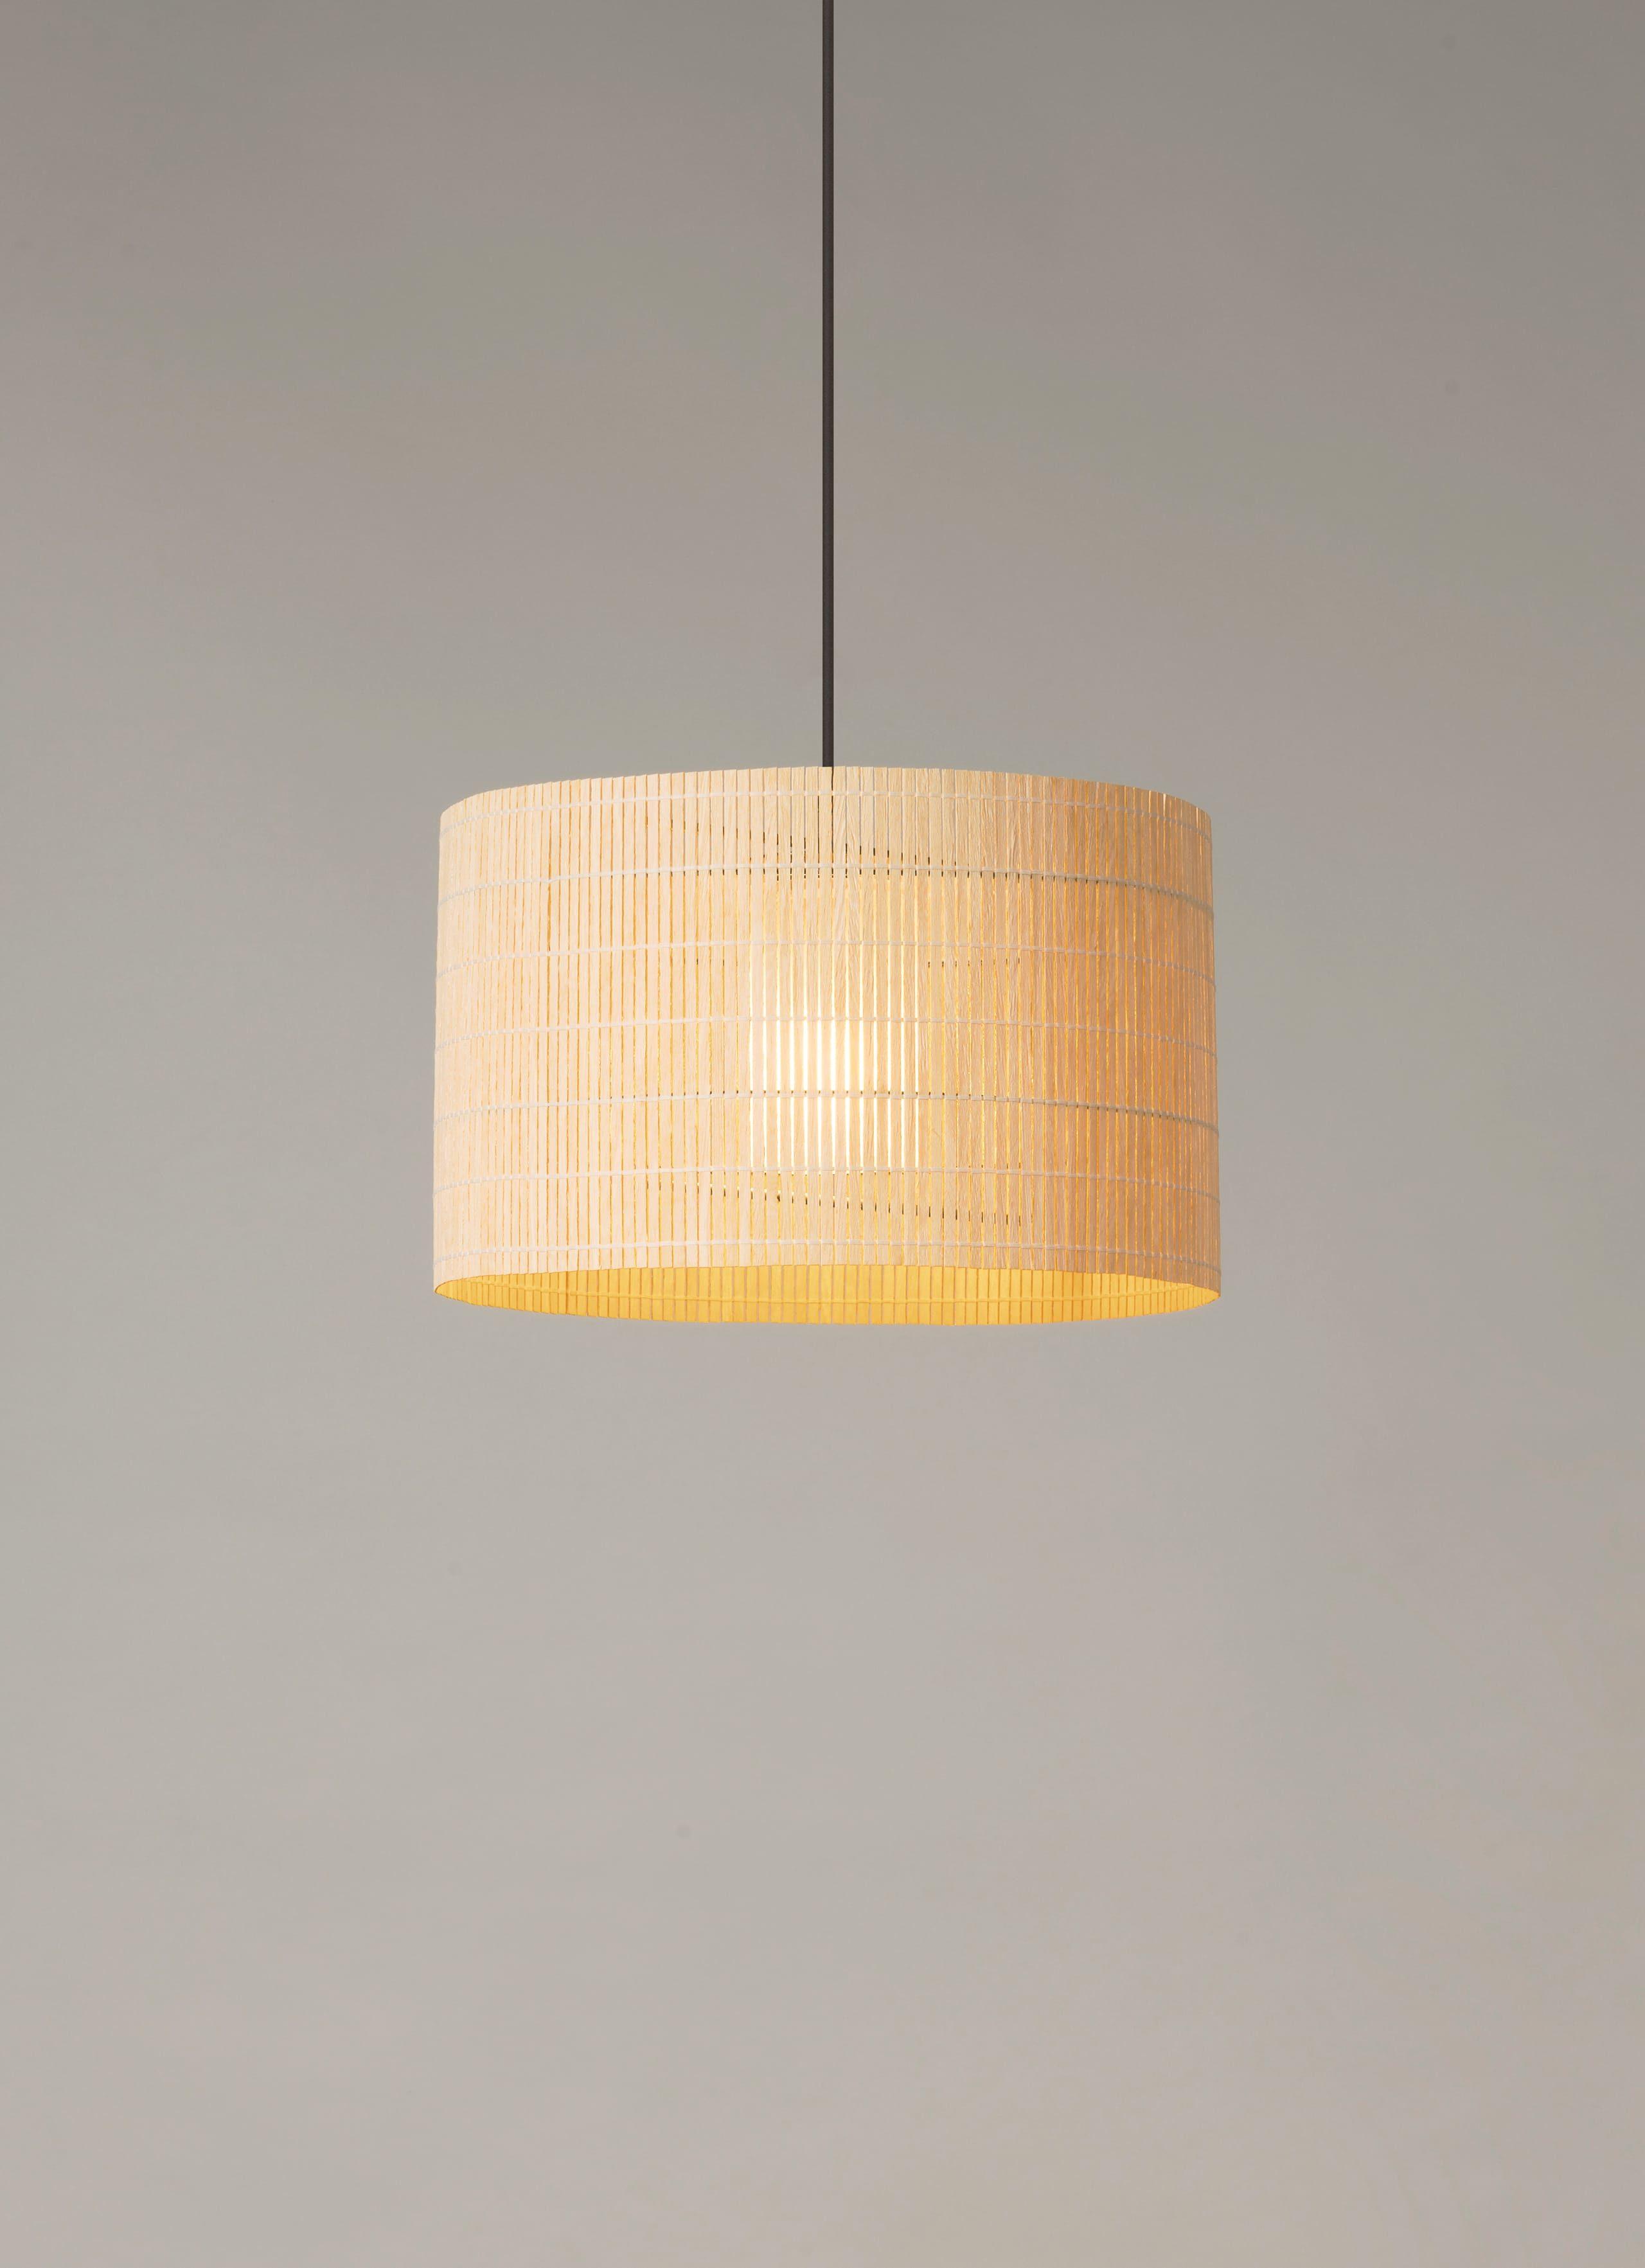 Santa and Cole - Nagoya – Pendent lamp